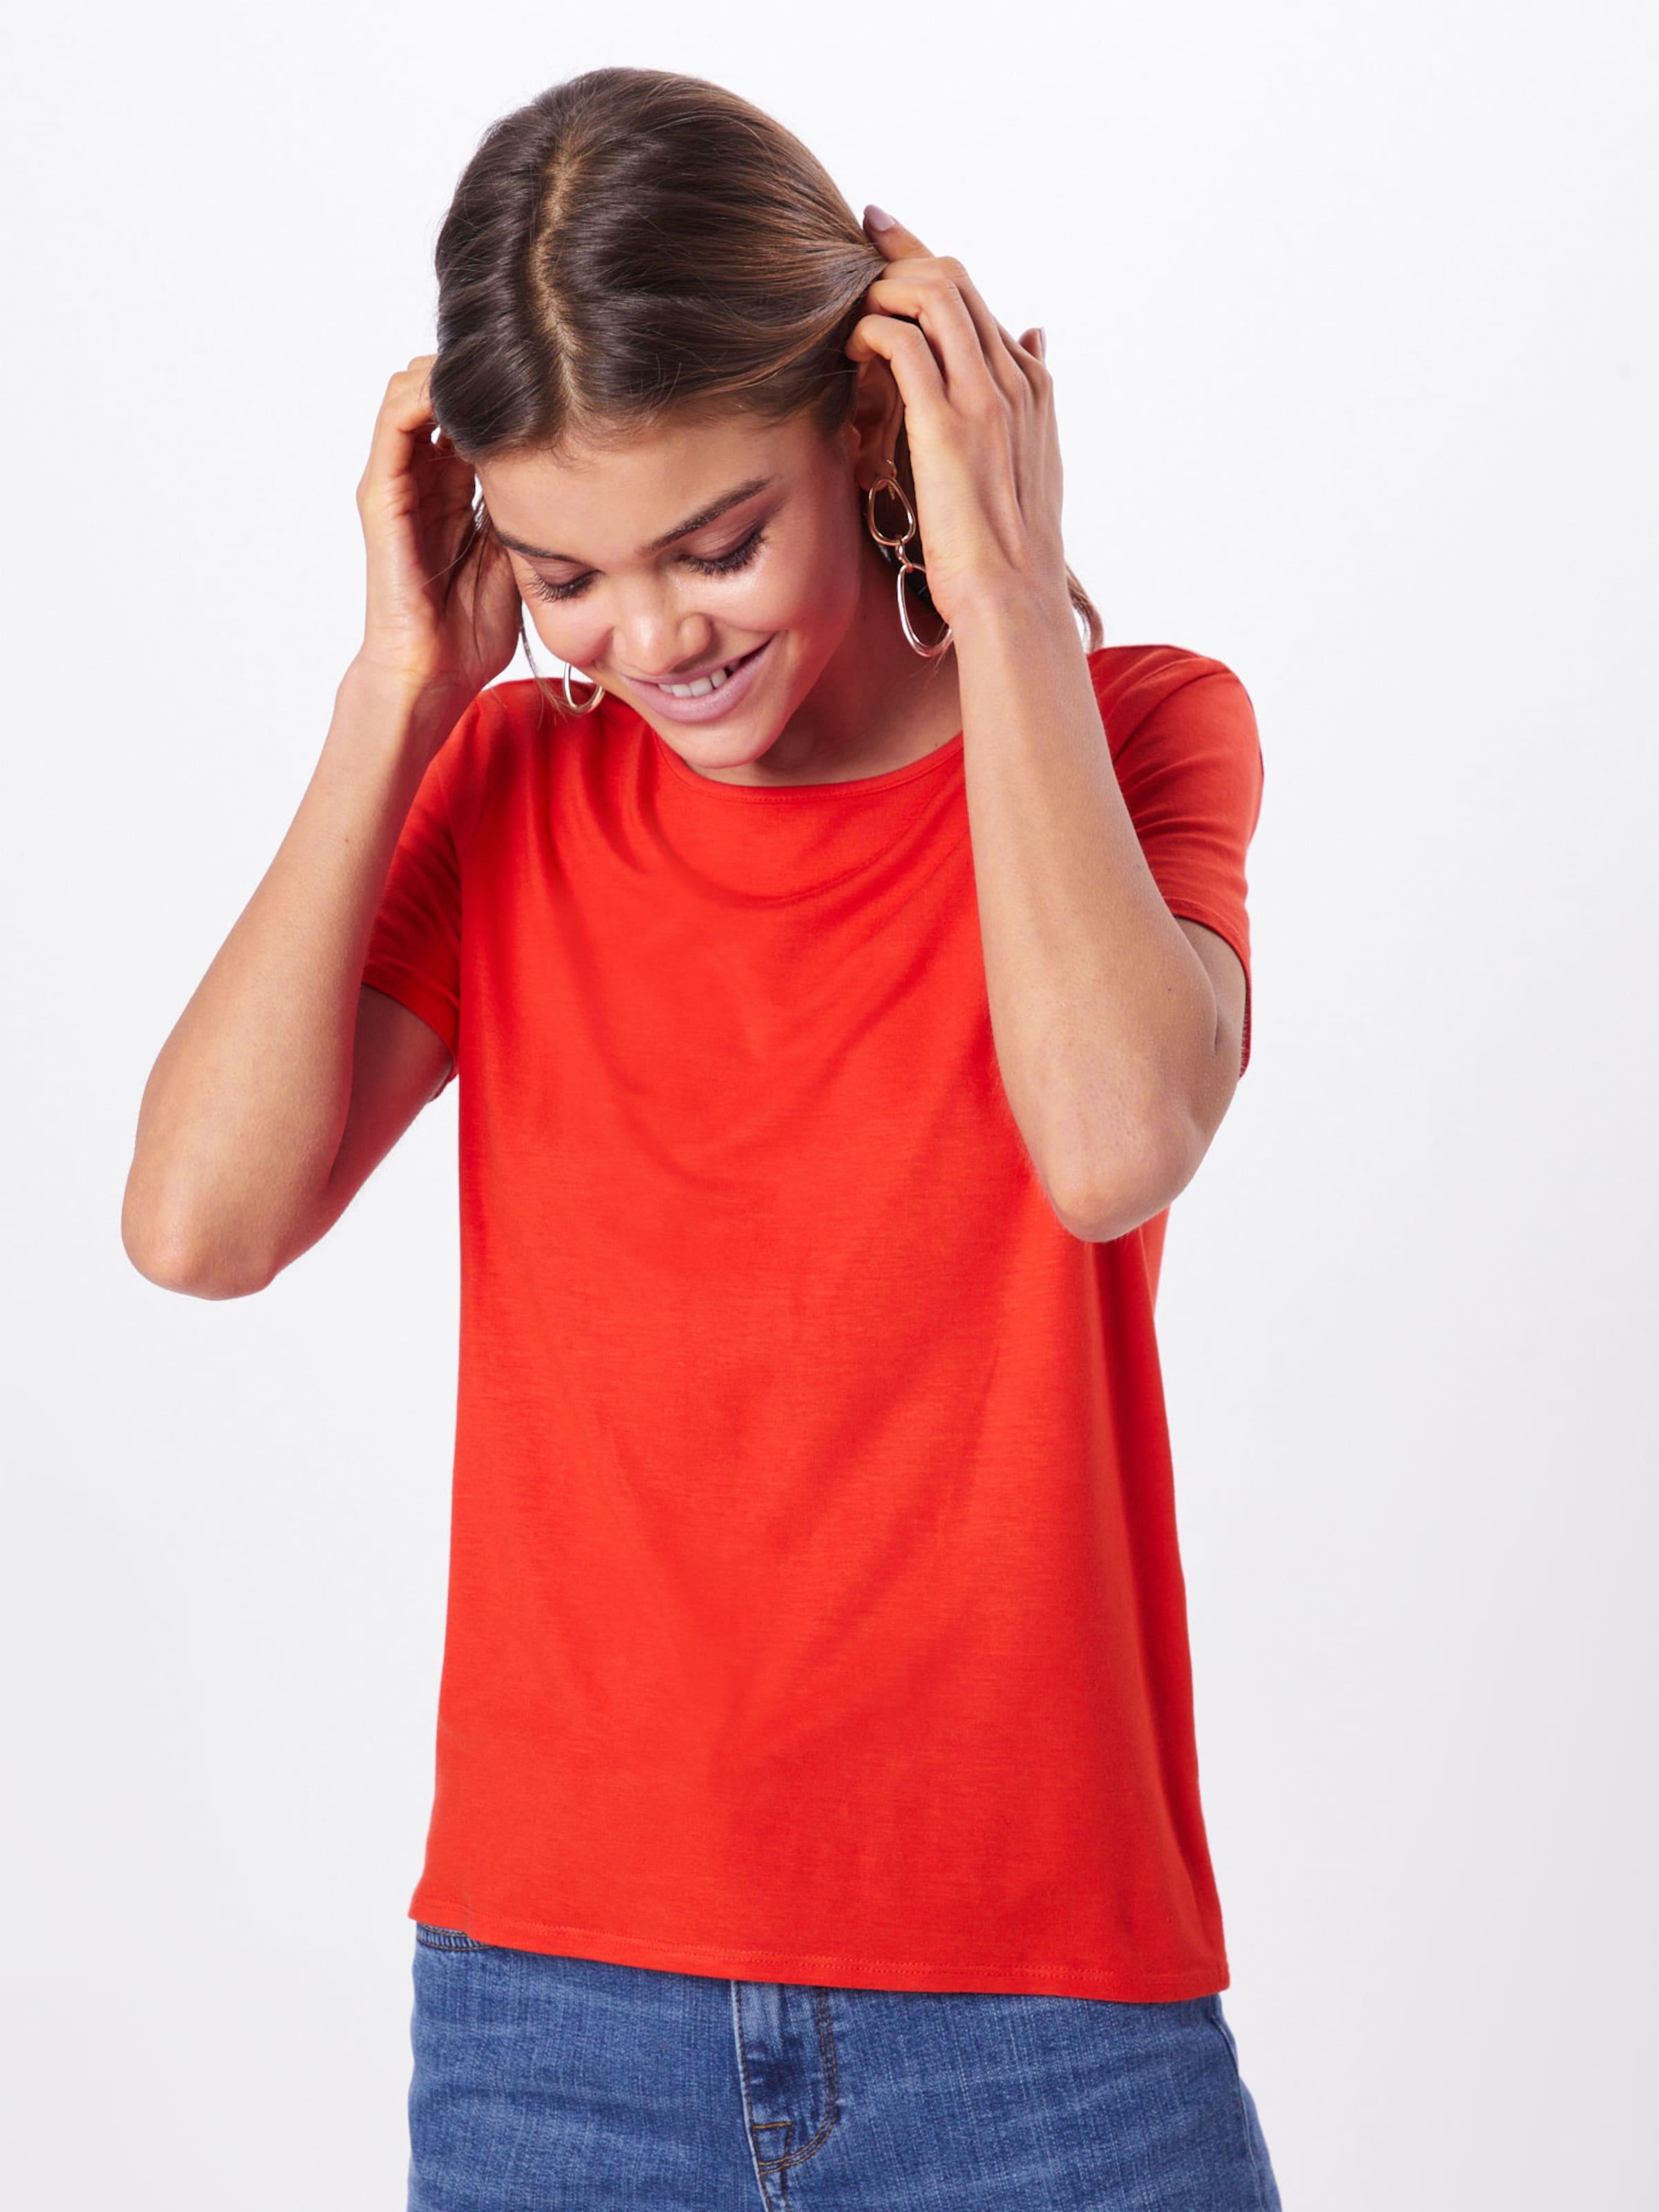 May In 'behanna' Noisy T shirt Feuerrot shtQrdC